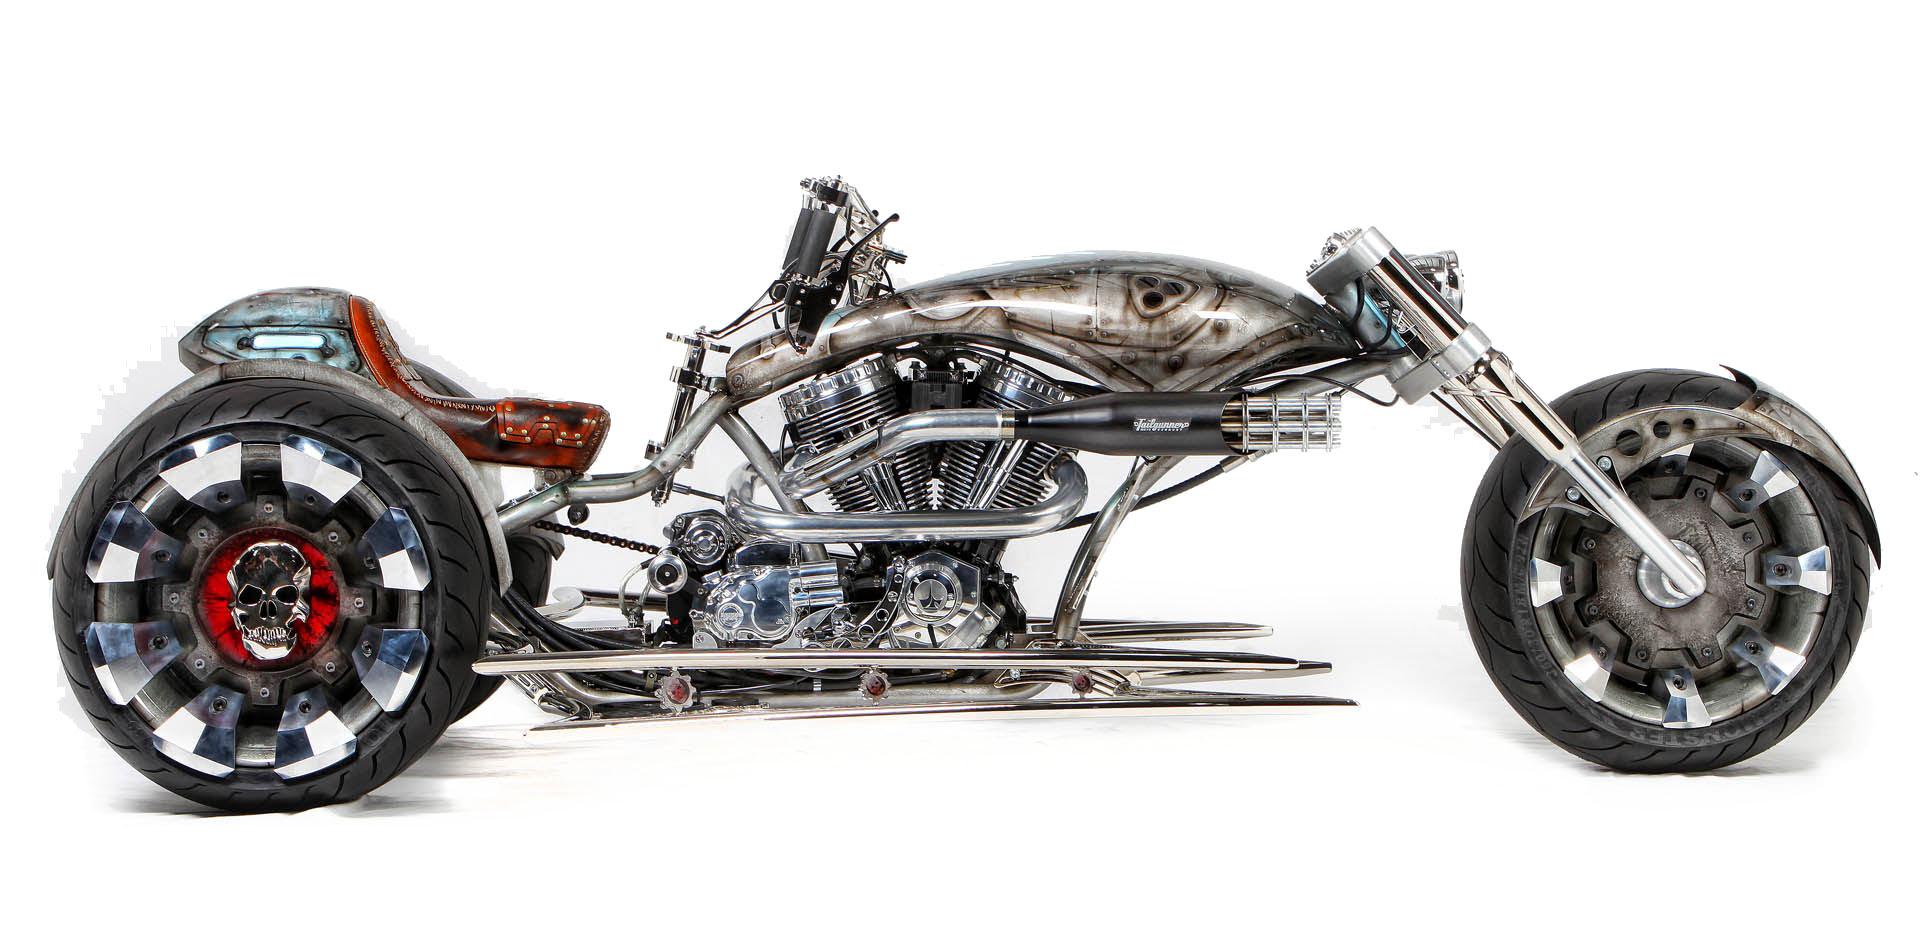 paul-jr-designs-gears-of-war-bike-014-1